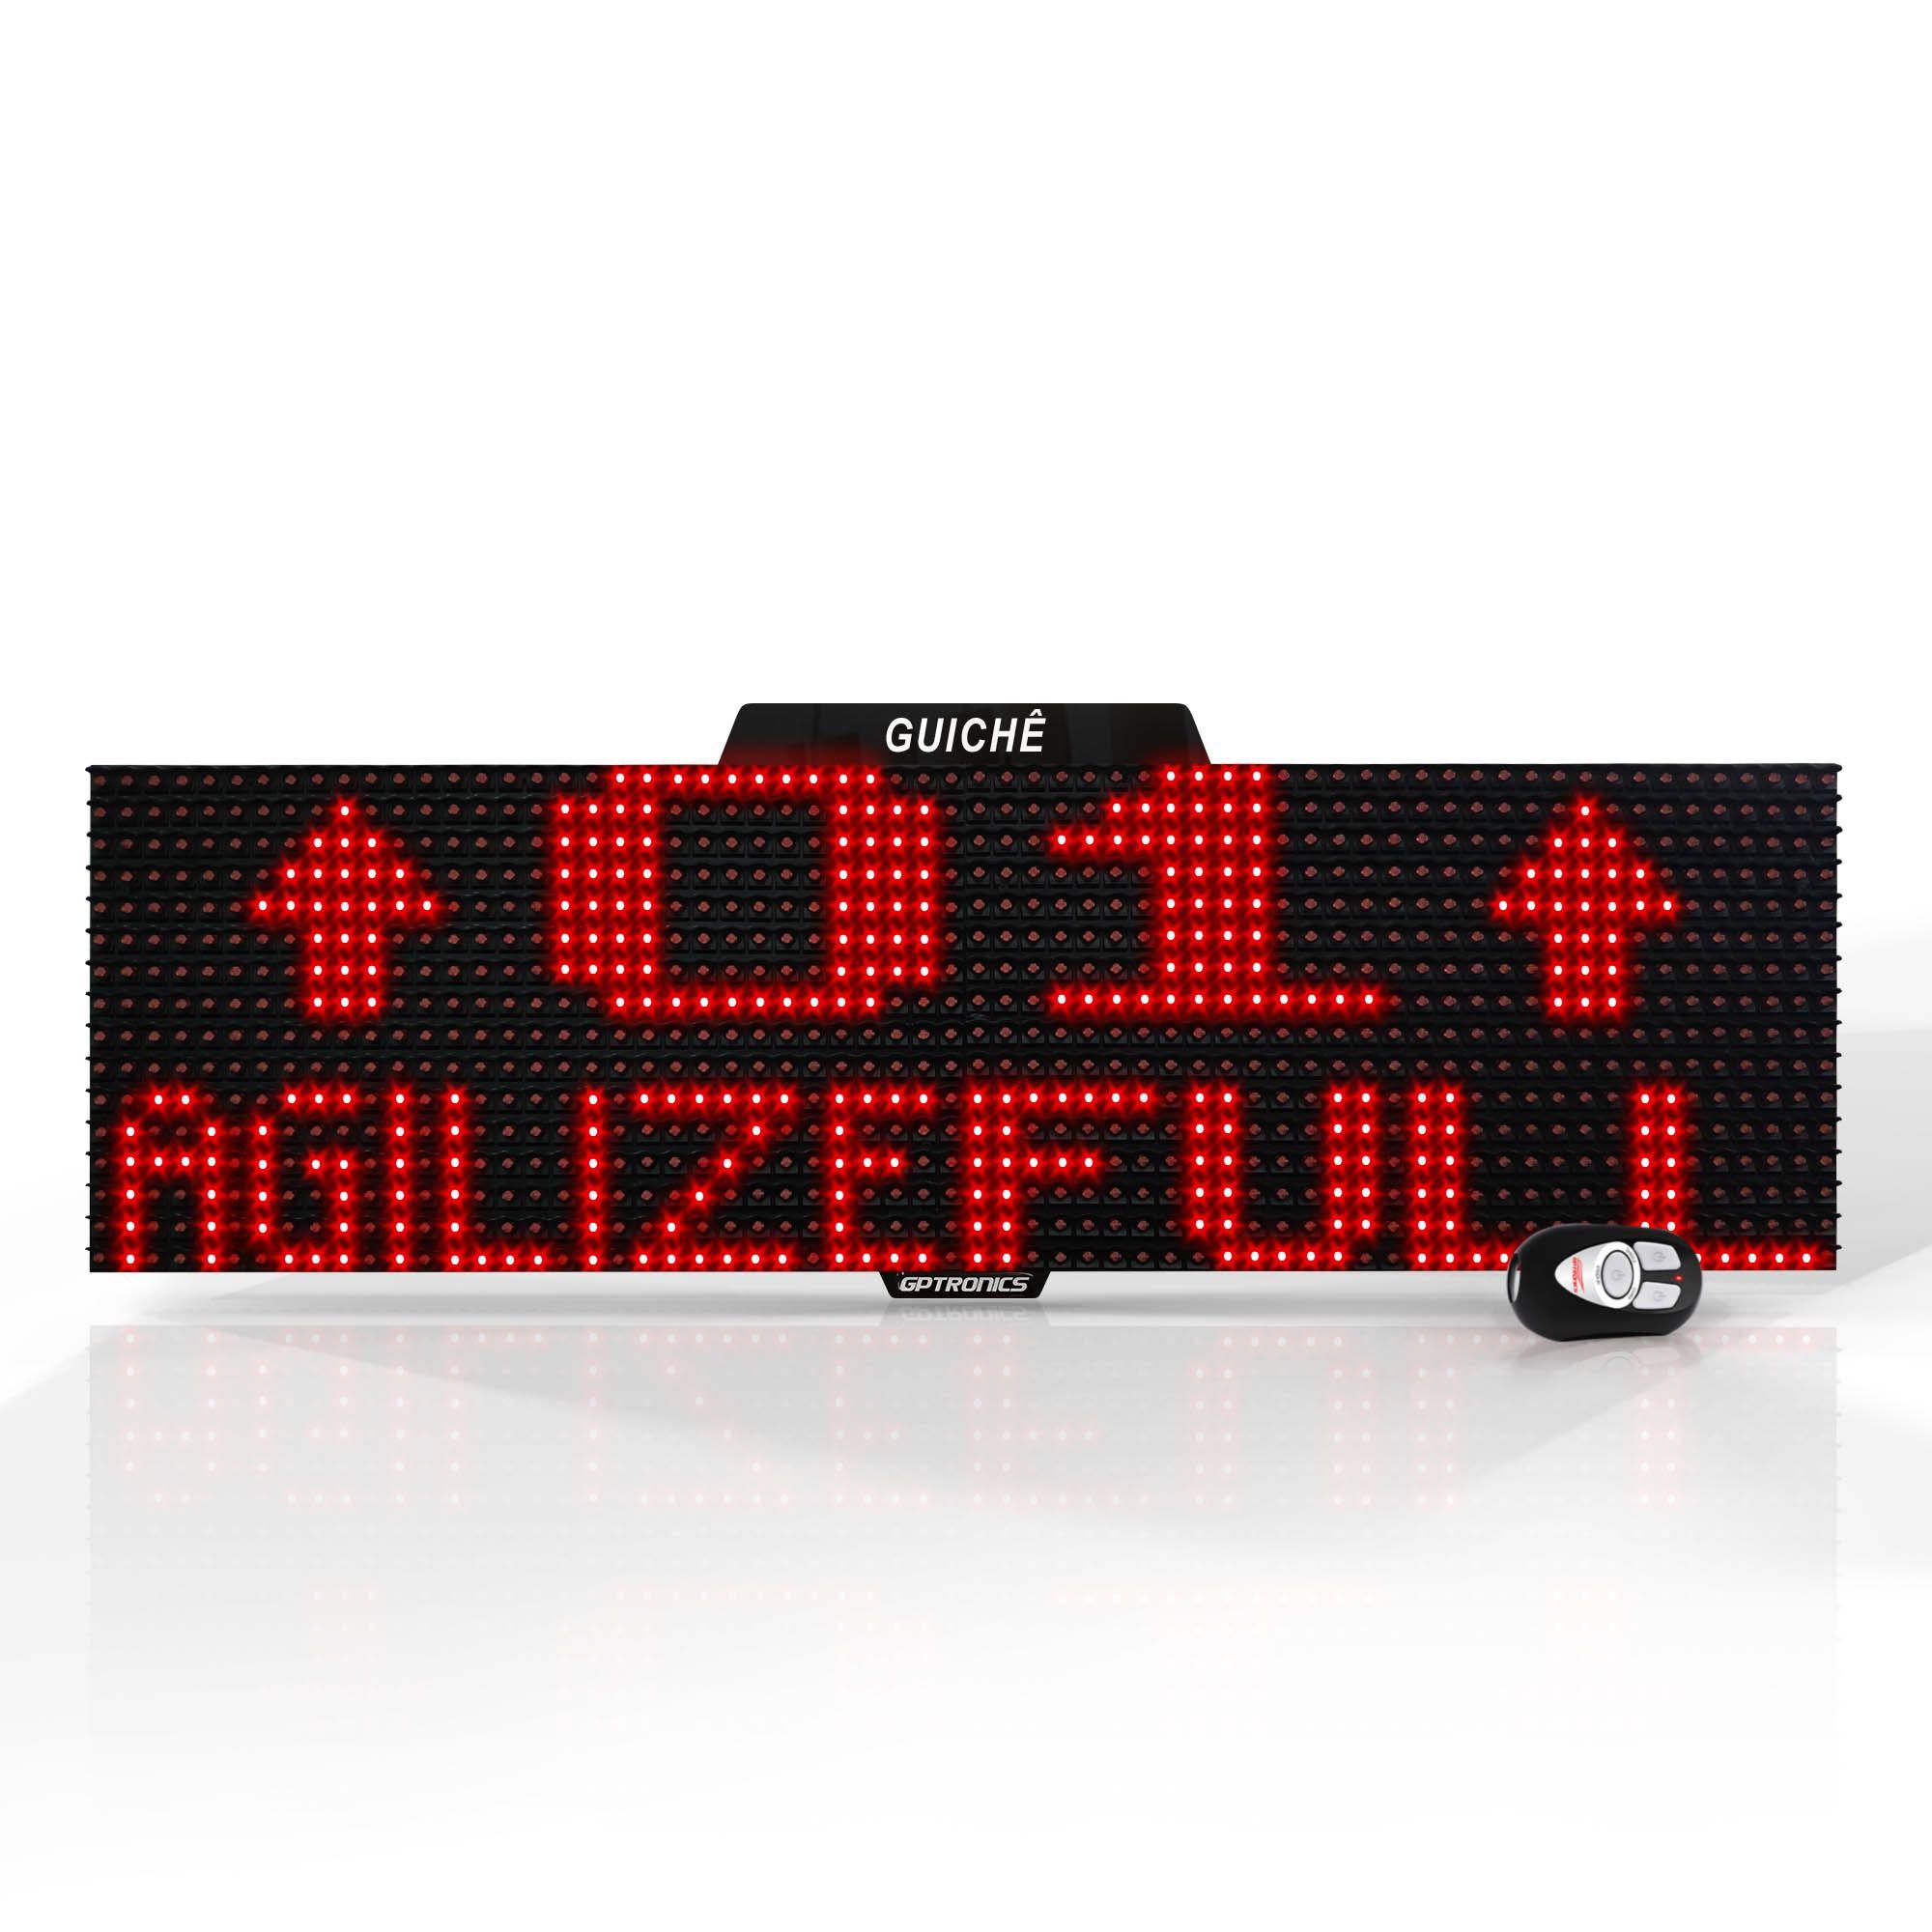 Agilize Full G - Painel de Guichê com Mensagem - 64x16x4cm